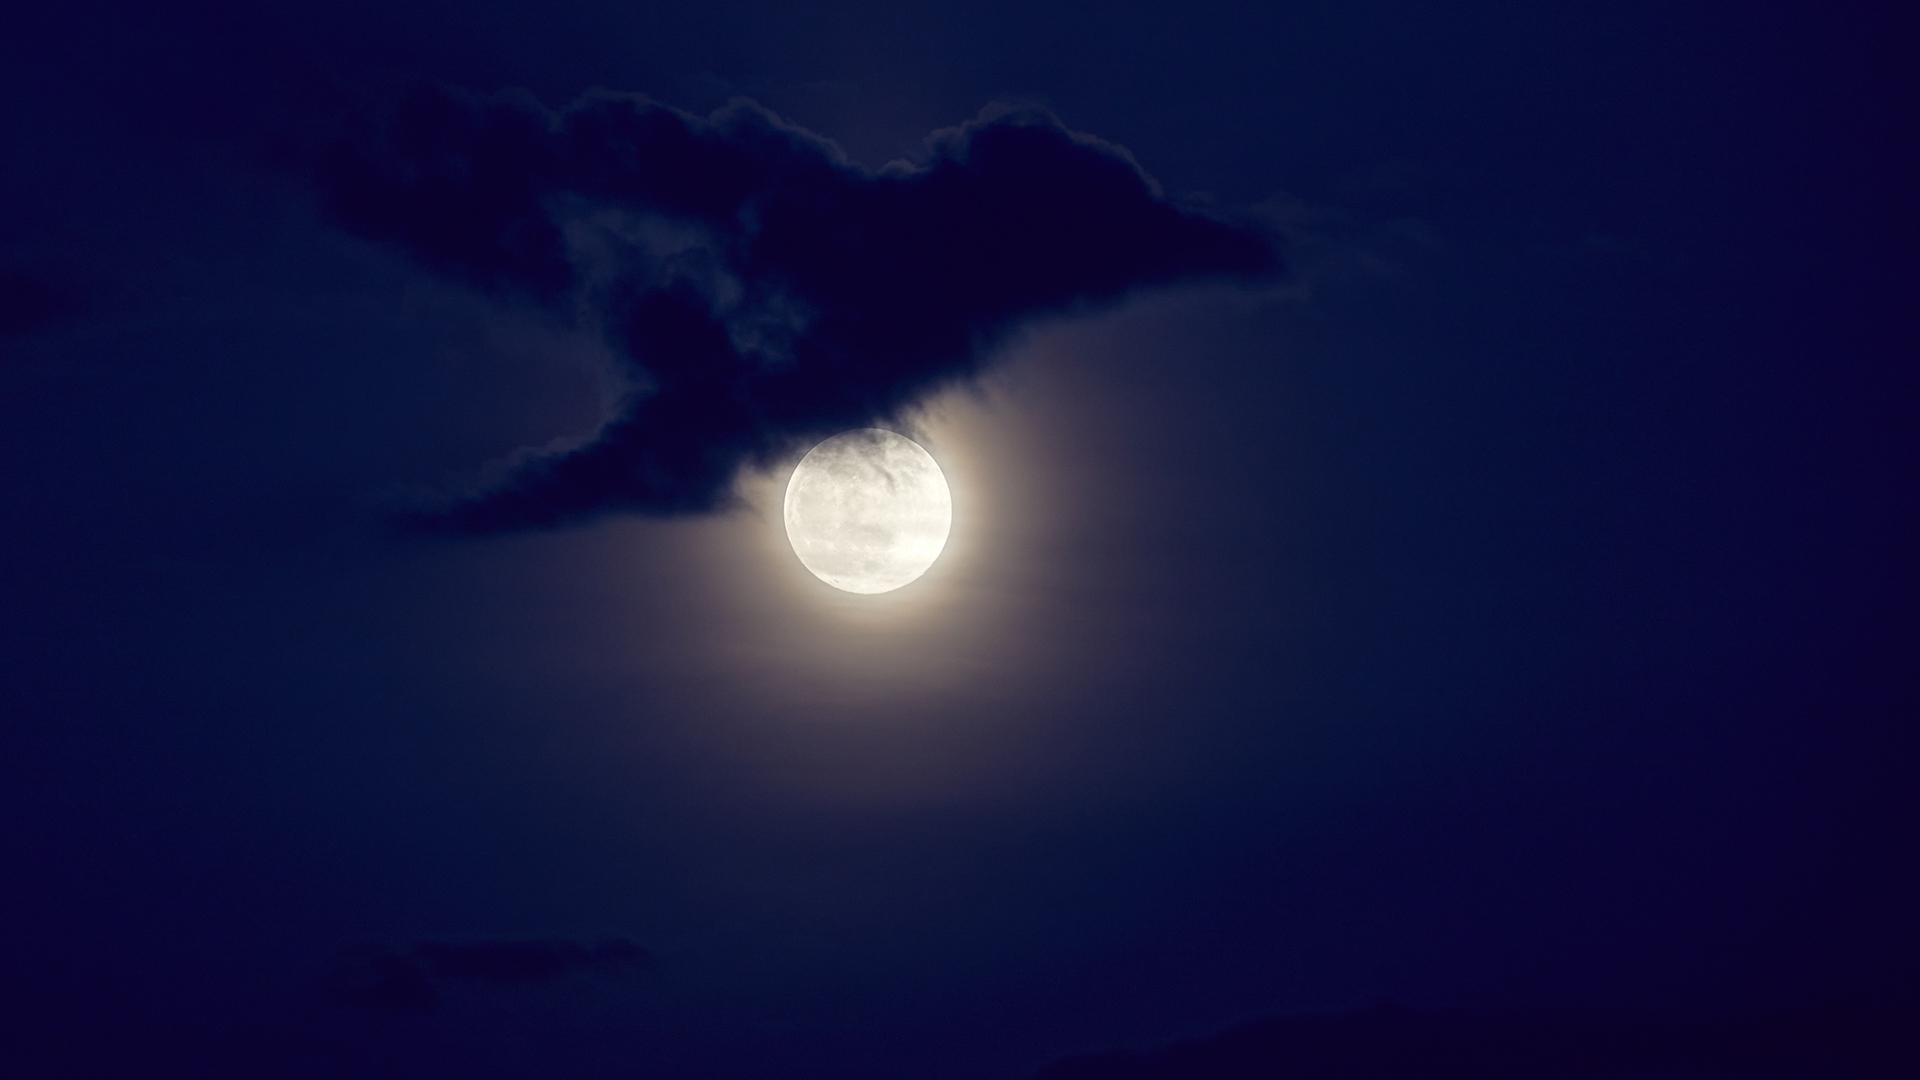 L'astrophysicien Gianluca Masi du Virtual Telescope Project a capturé cette vue de la Super Lune Rose à Rome, en Italie, vers 20h30, heure locale, le 26 avril 2021.